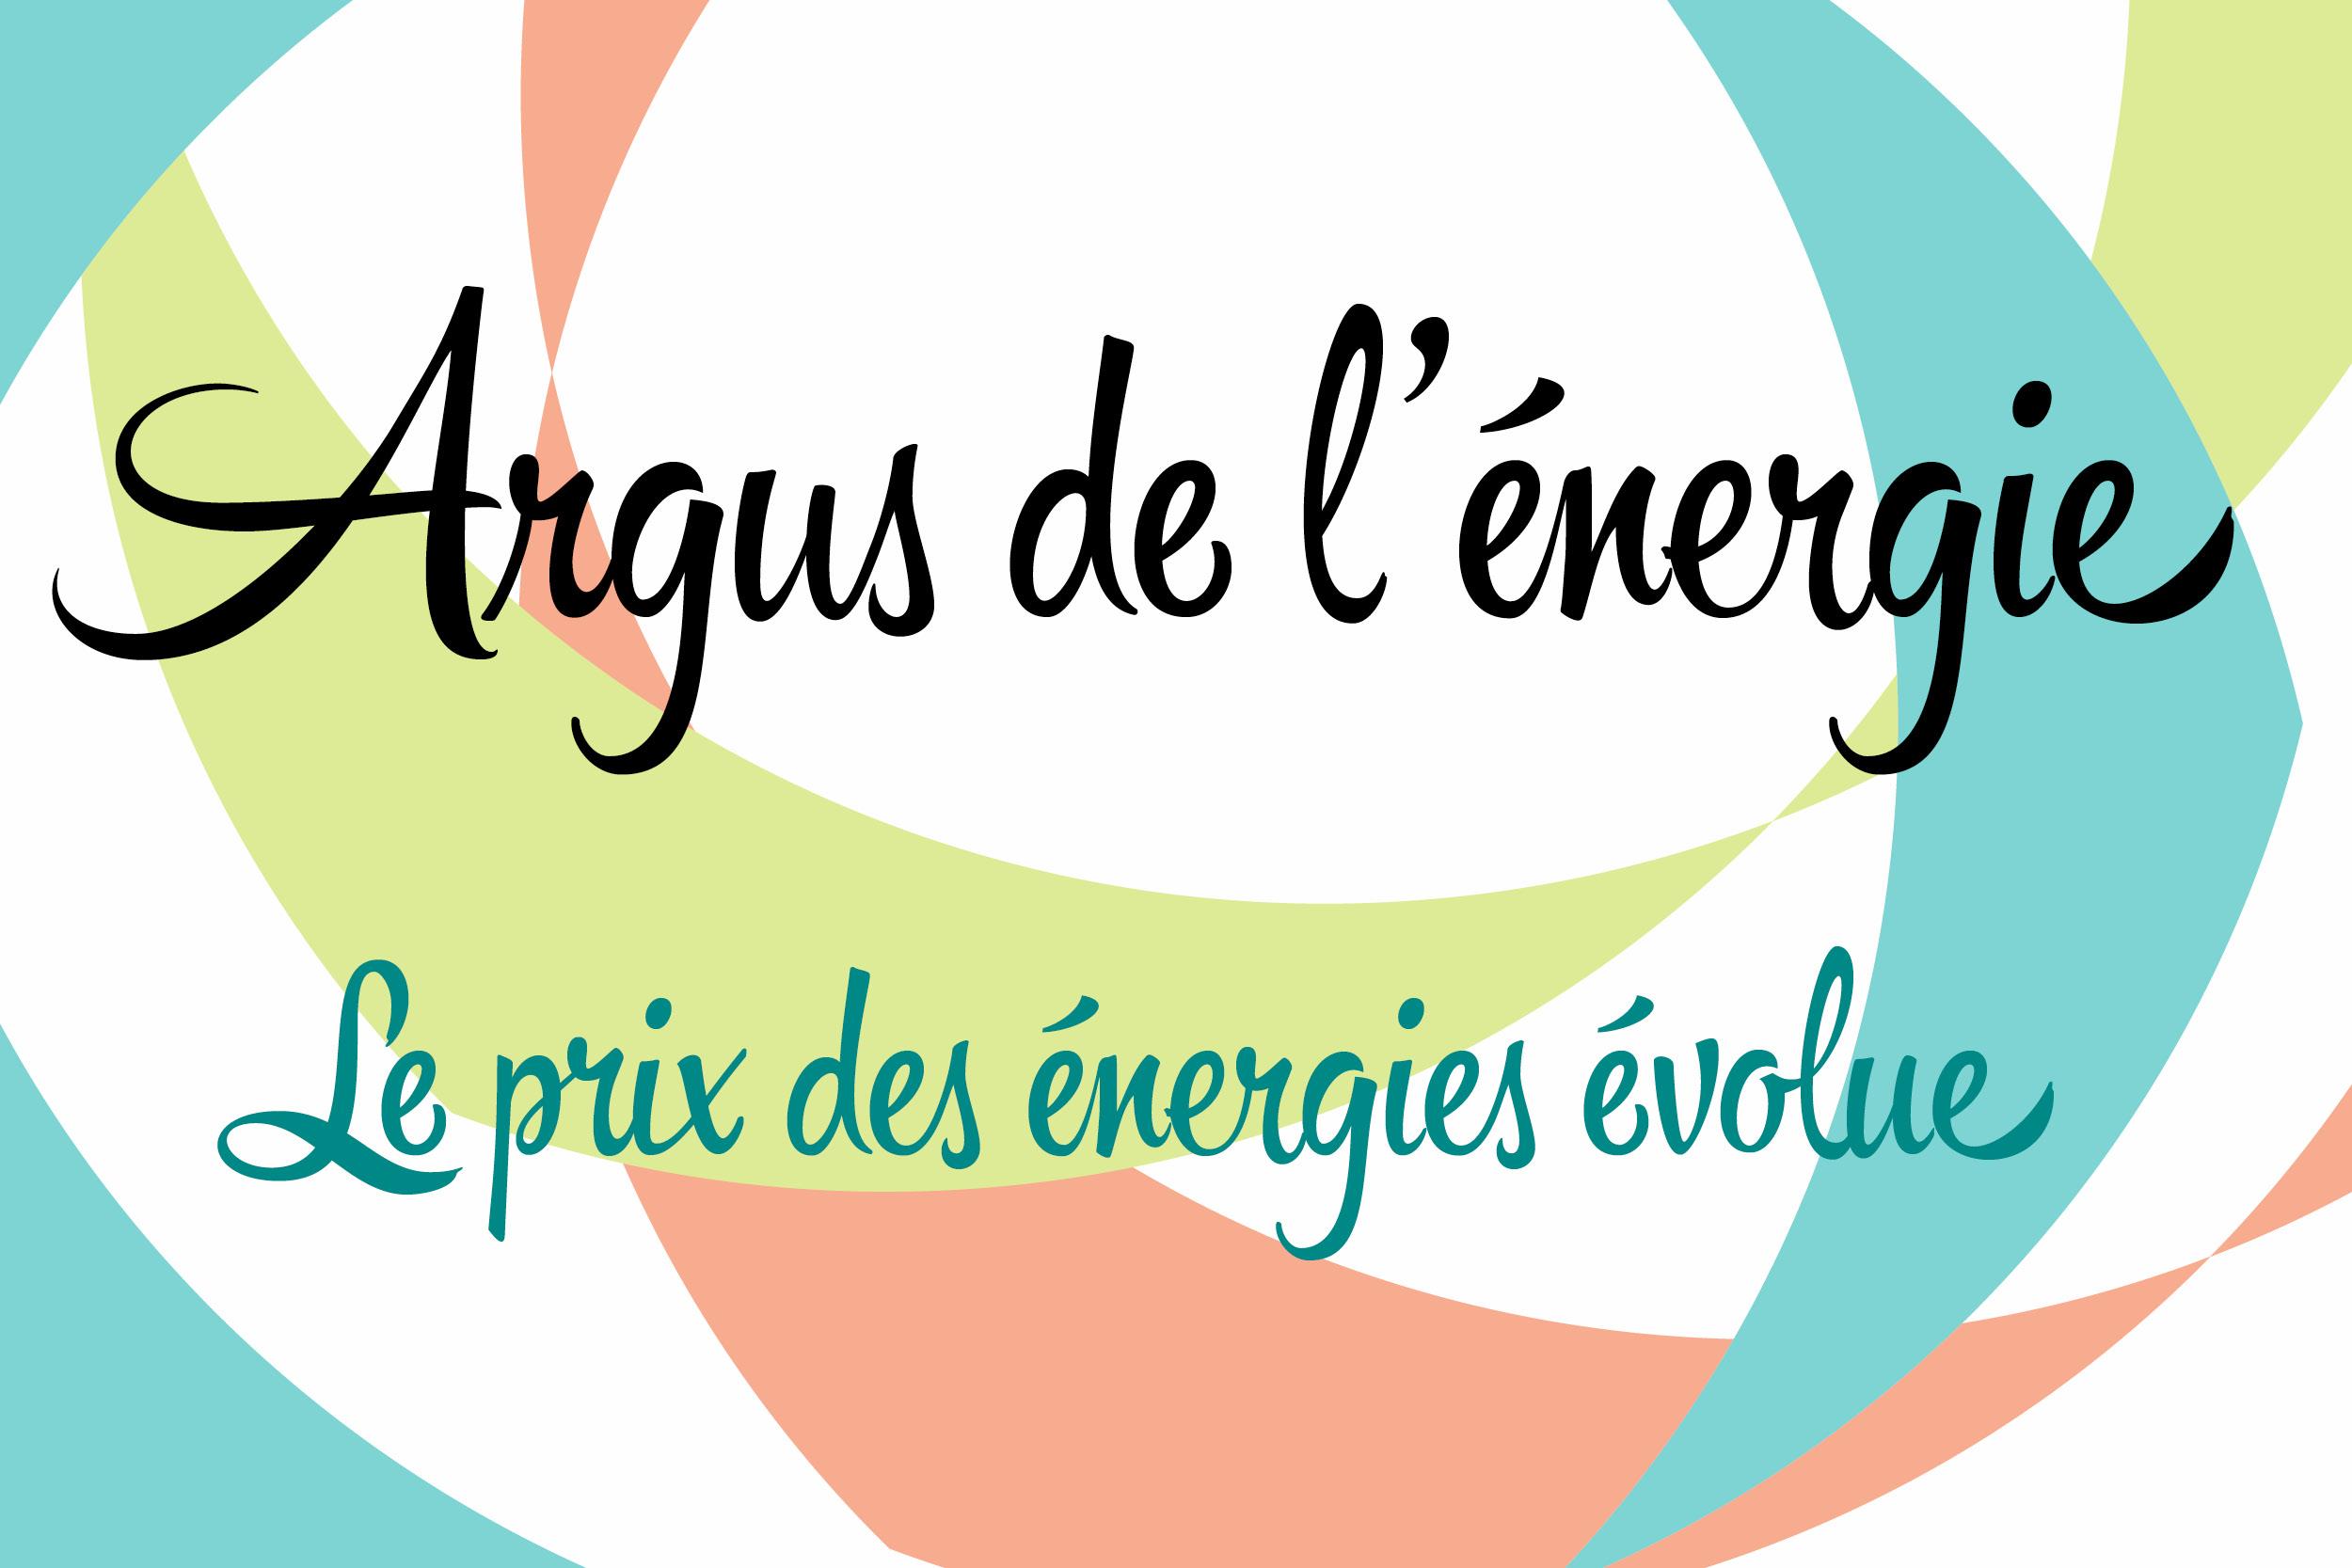 Le prix des énergies évolue